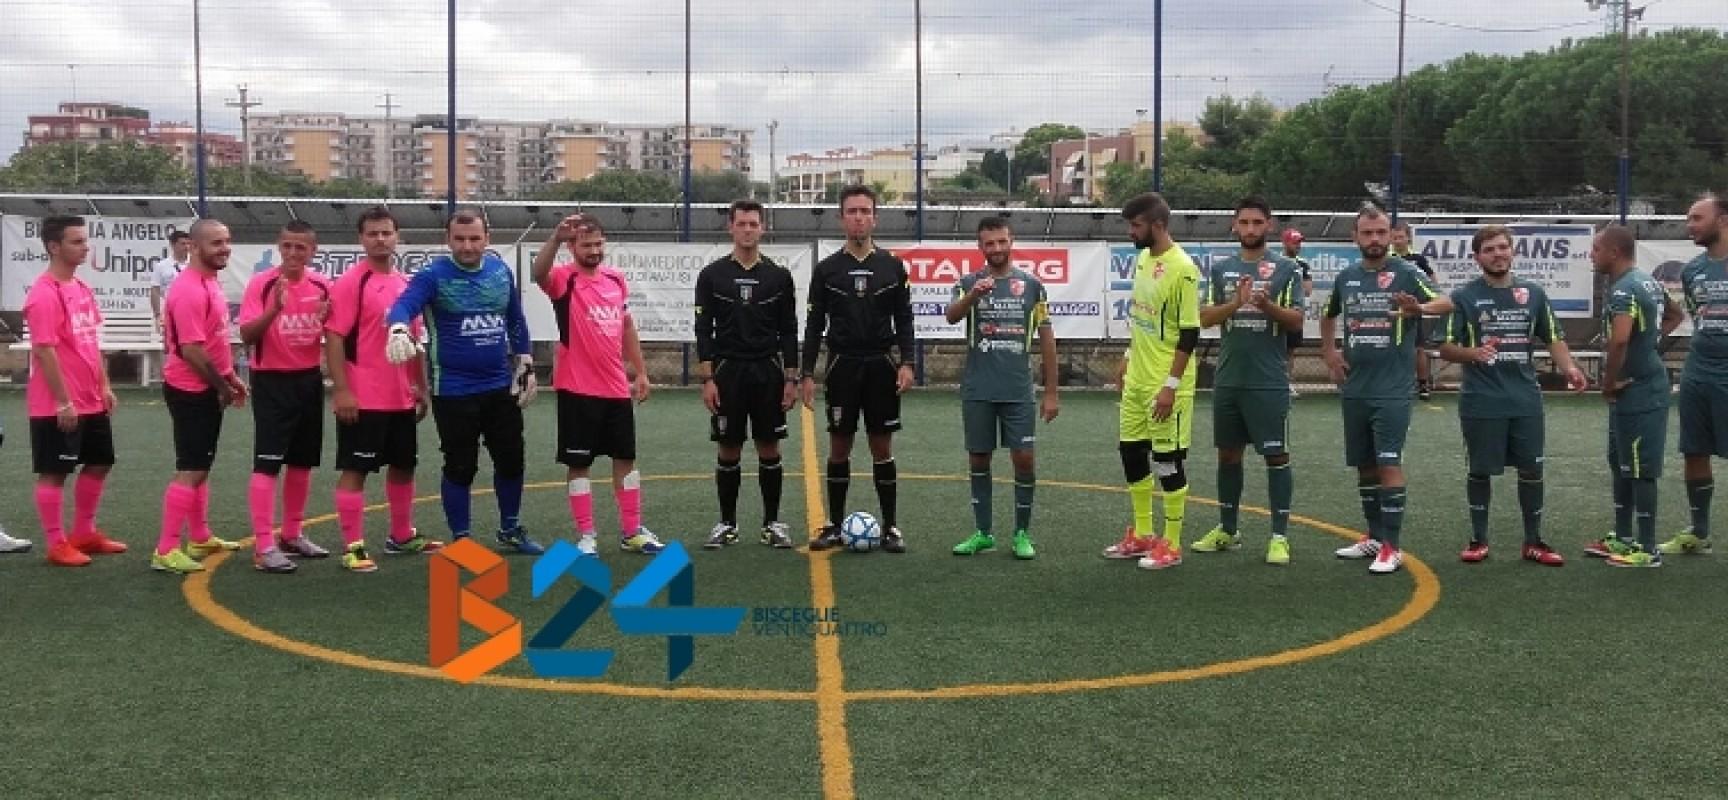 Serie C1 calcio a 5: Insidia Neapolis per la Diaz, il Nettuno ospita la capolista Brindisi